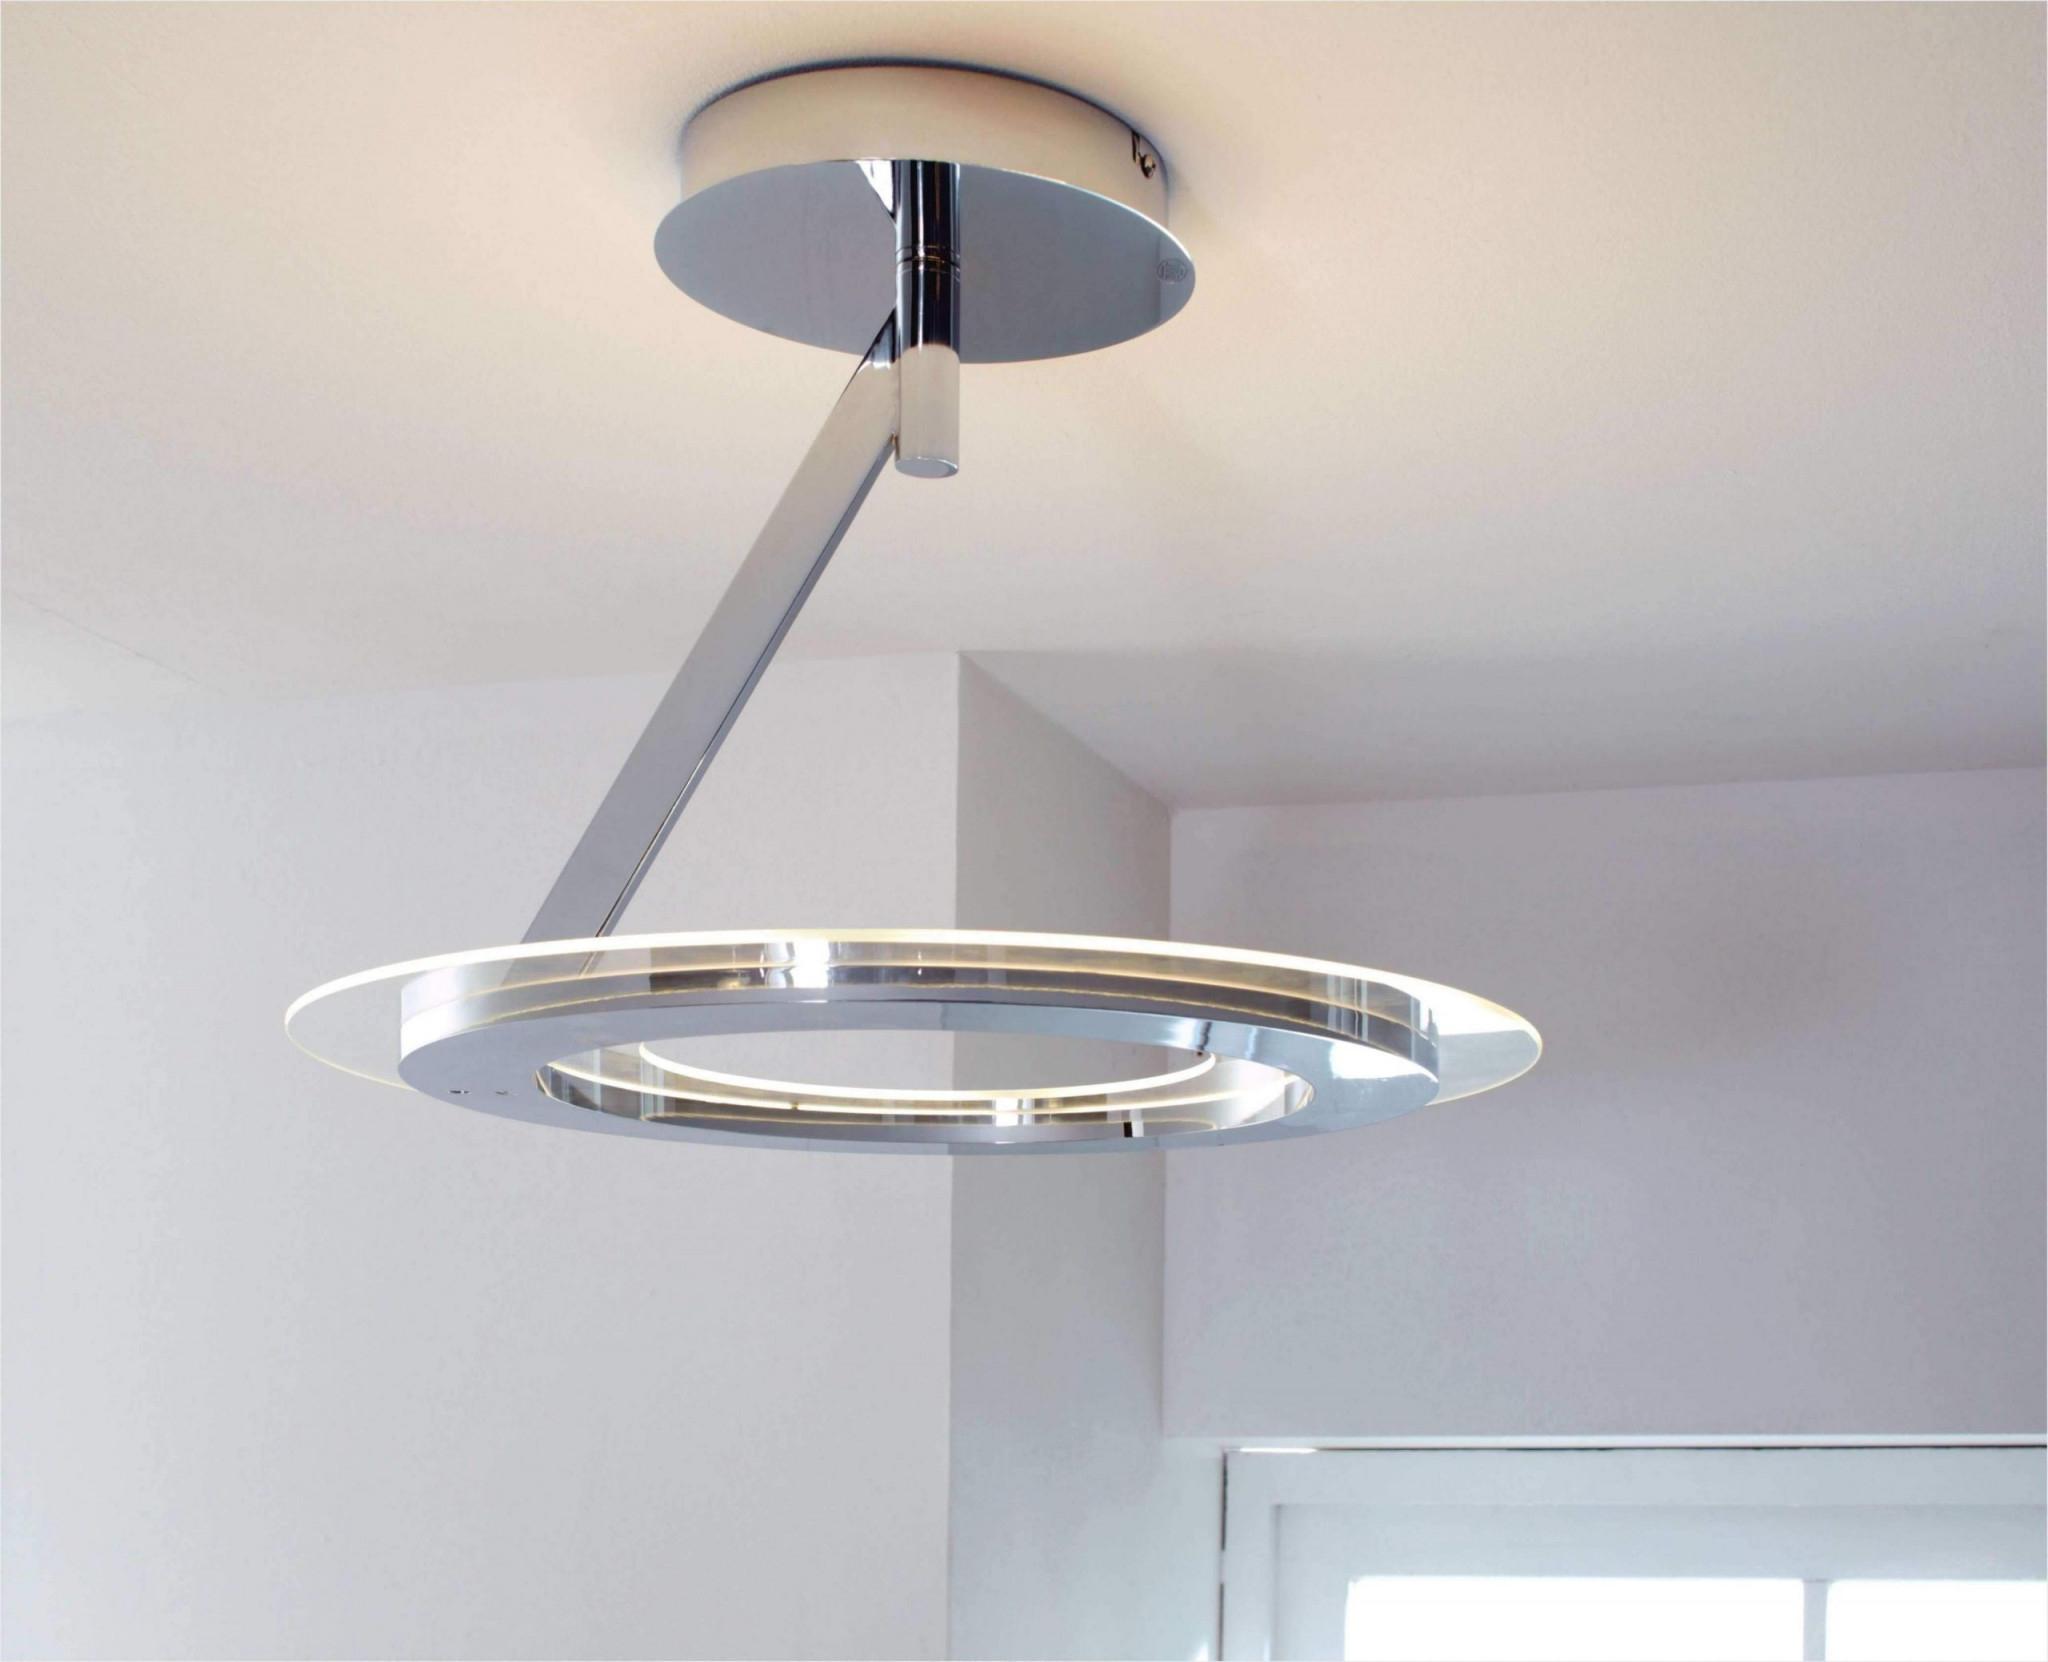 Deckenlampe Wohnzimmer Dimmbar Reizend Deckenleuchte von Deckenlampe Wohnzimmer Dimmbar Bild